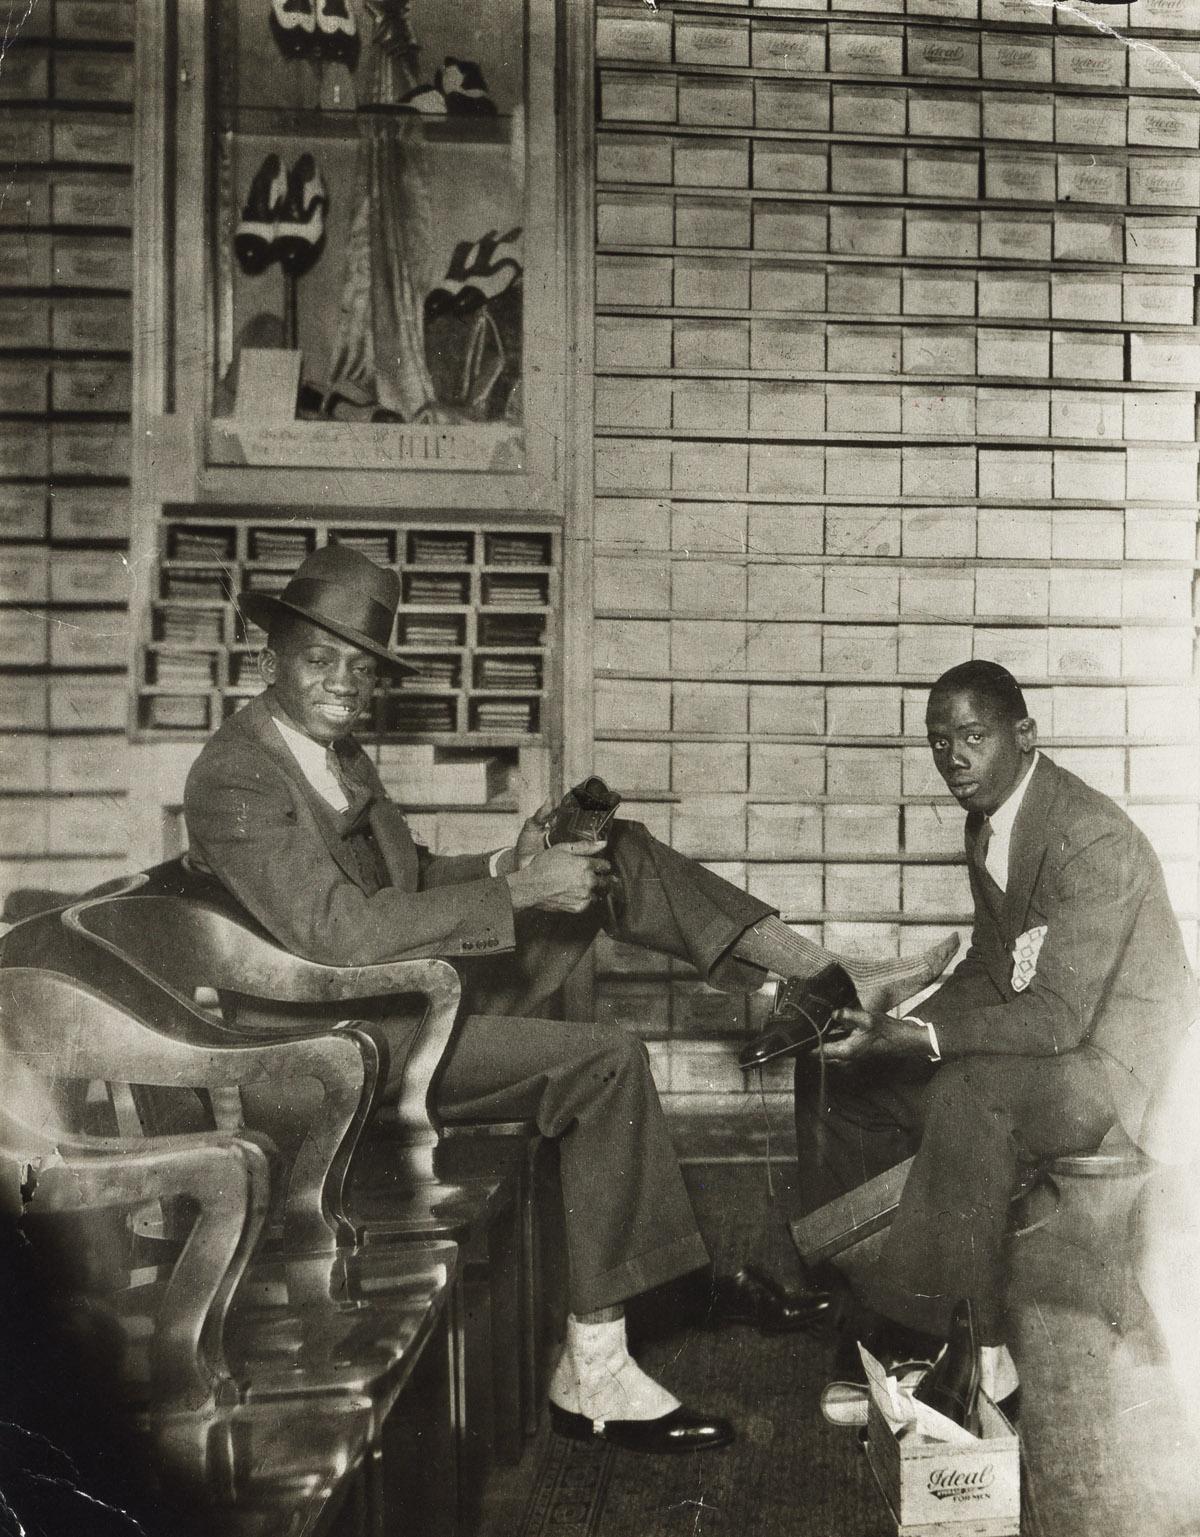 JAMES VANDERZEE (1886 -1983) Shoe Store Salesman and Customer.